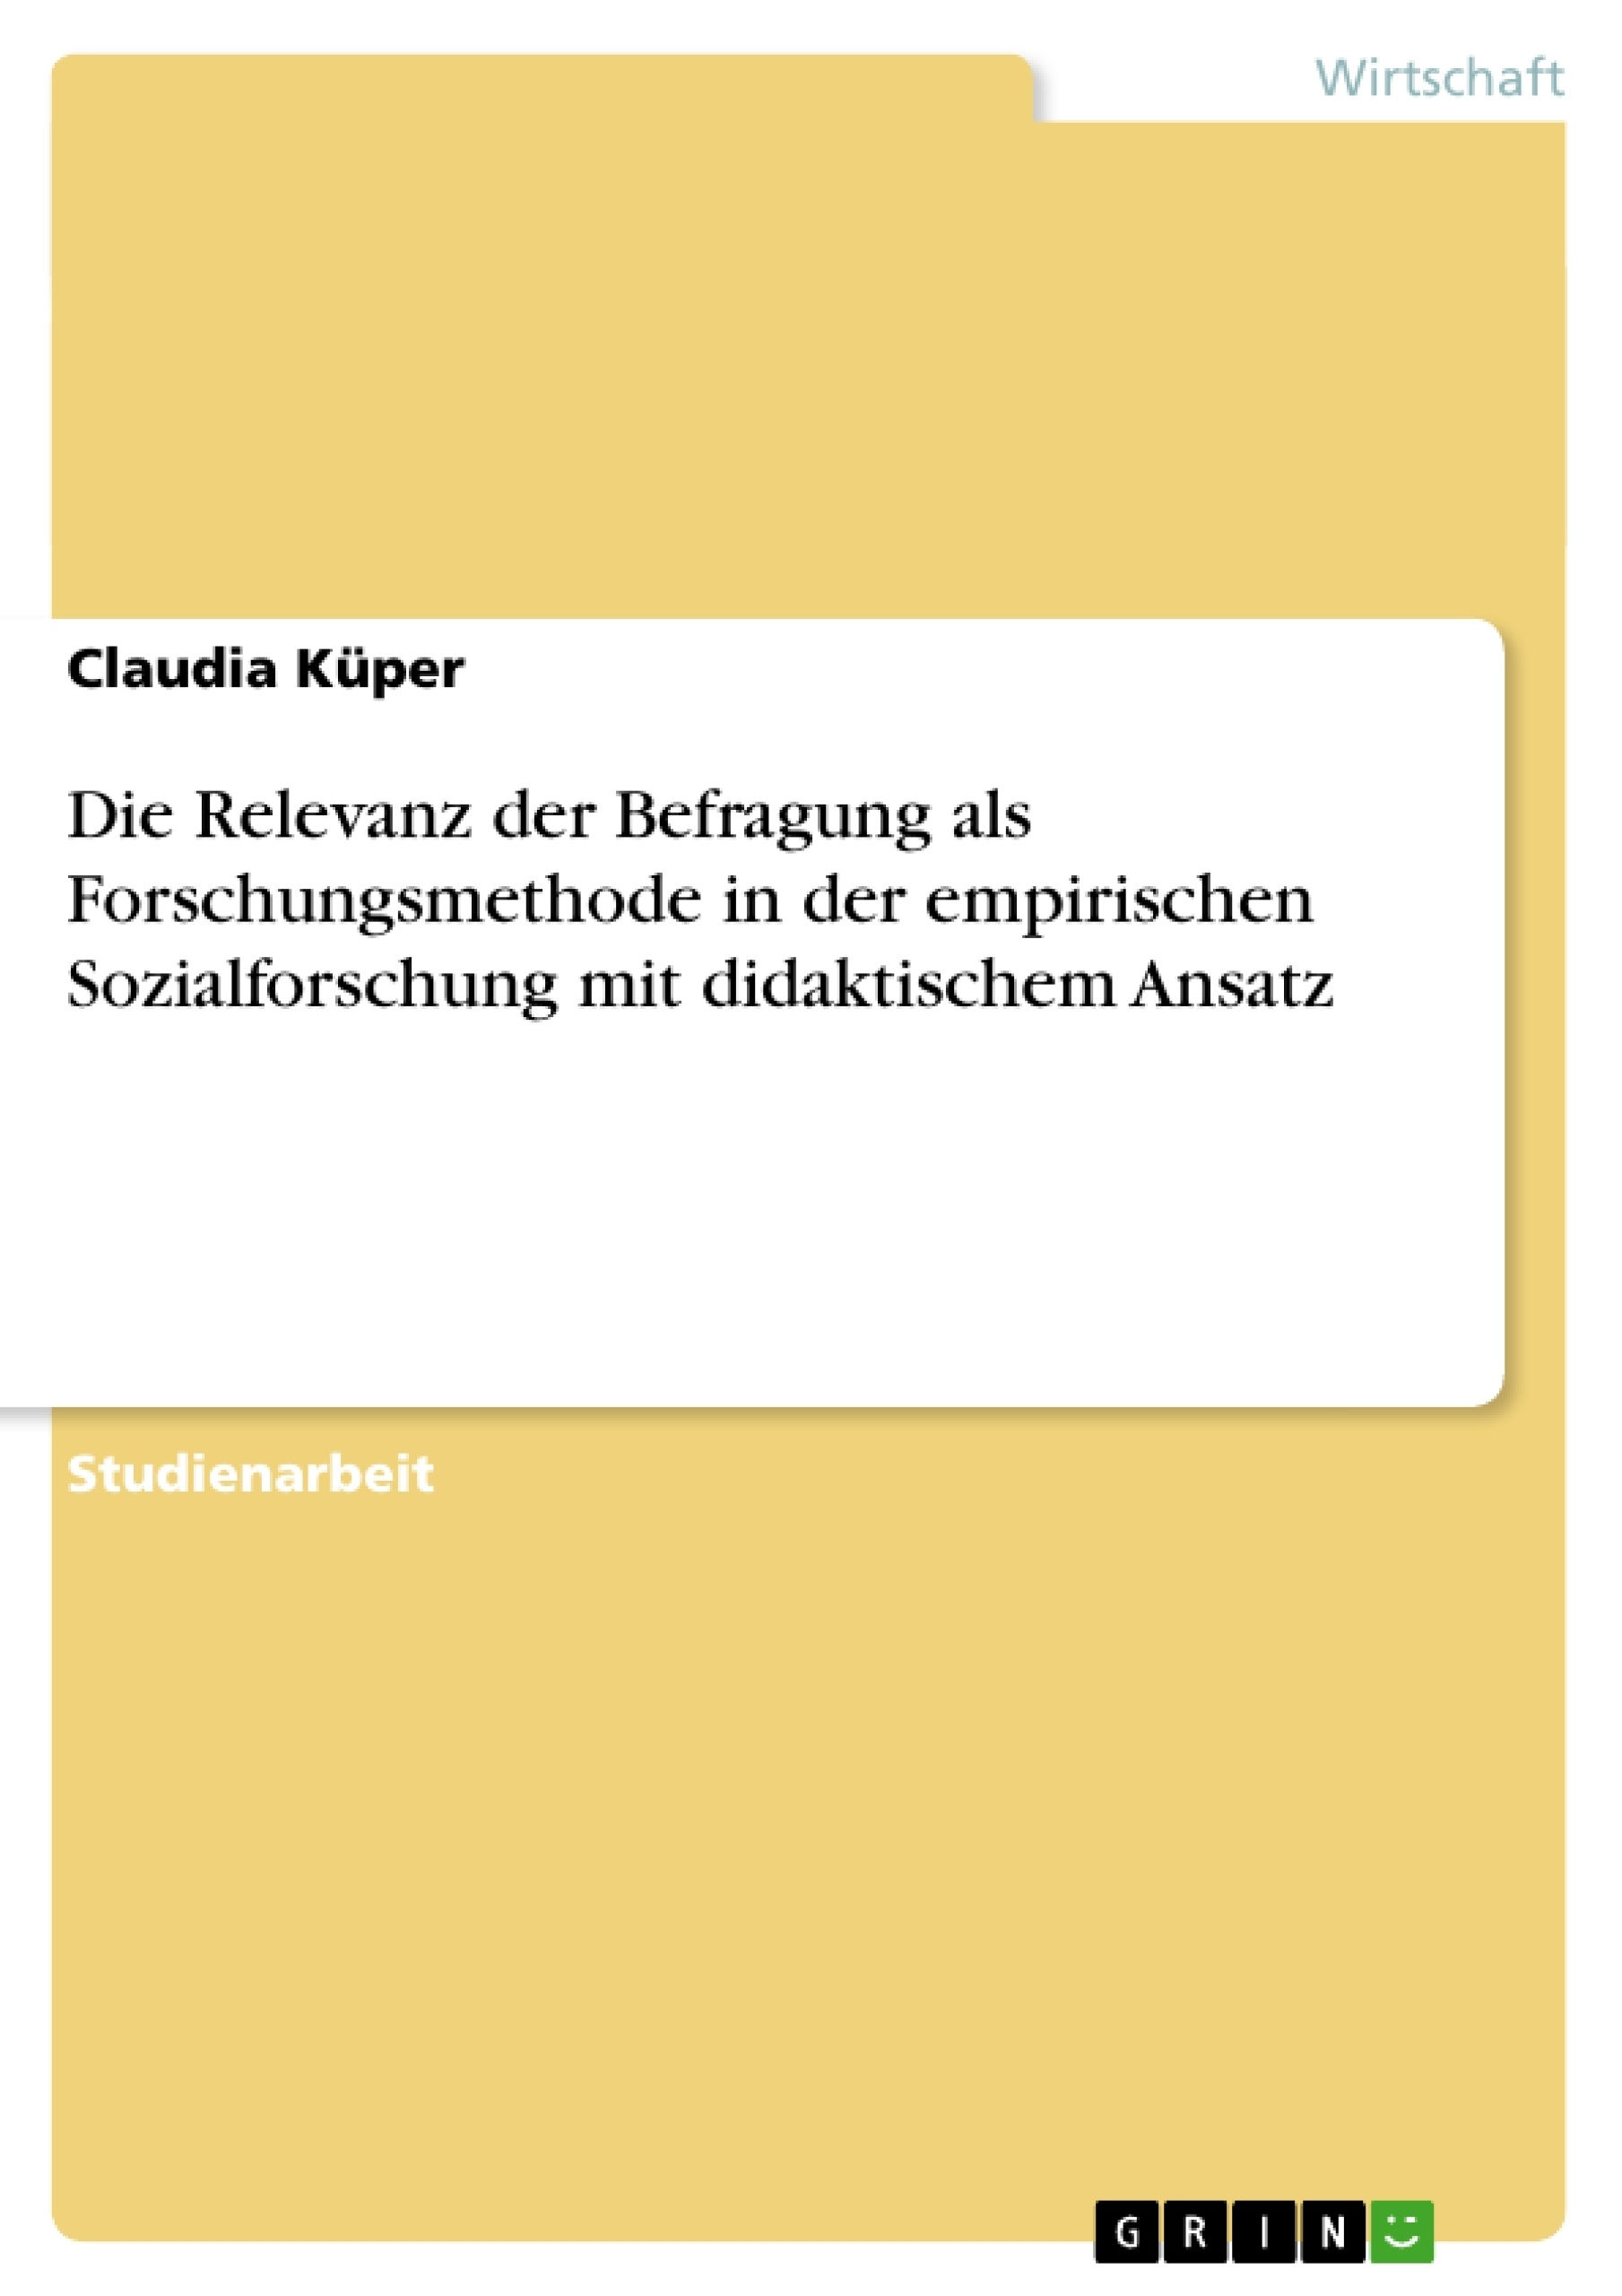 Titel: Die Relevanz der Befragung als Forschungsmethode in der empirischen Sozialforschung mit didaktischem Ansatz